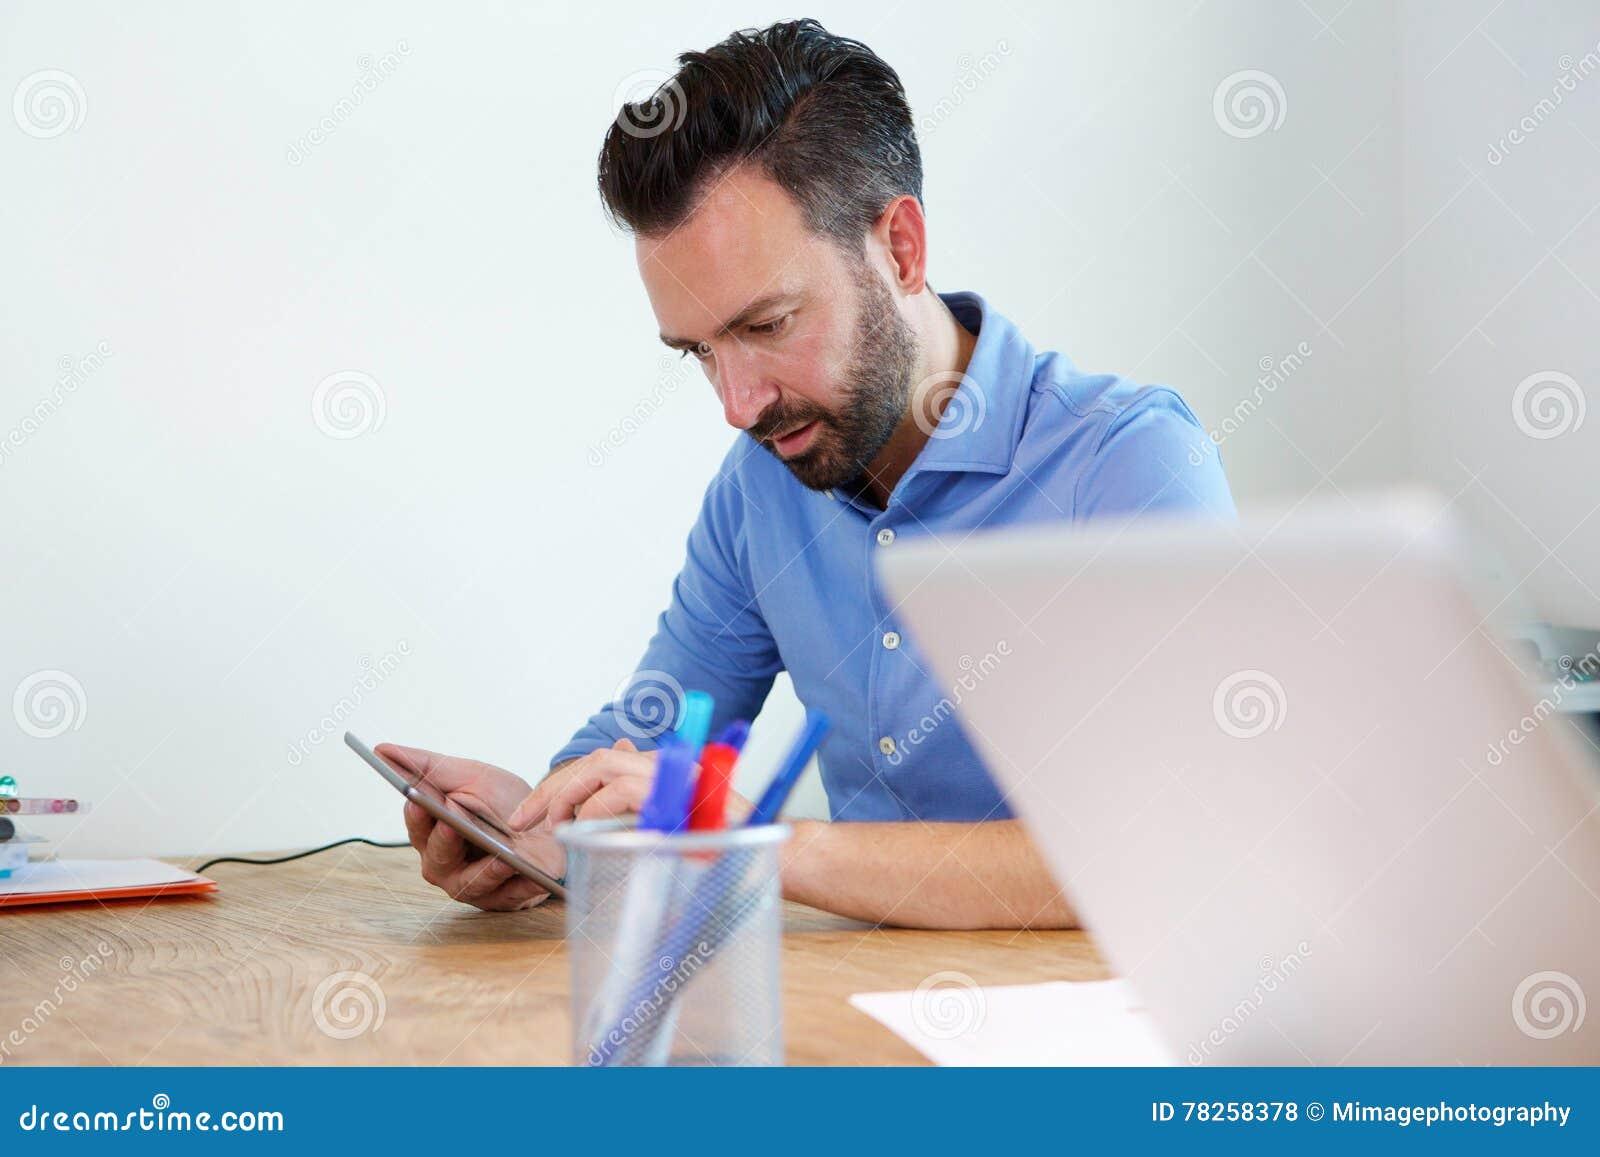 Ώριμη συνεδρίαση επιχειρησιακών ατόμων στο γραφείο του που χρησιμοποιεί την ψηφιακή ταμπλέτα